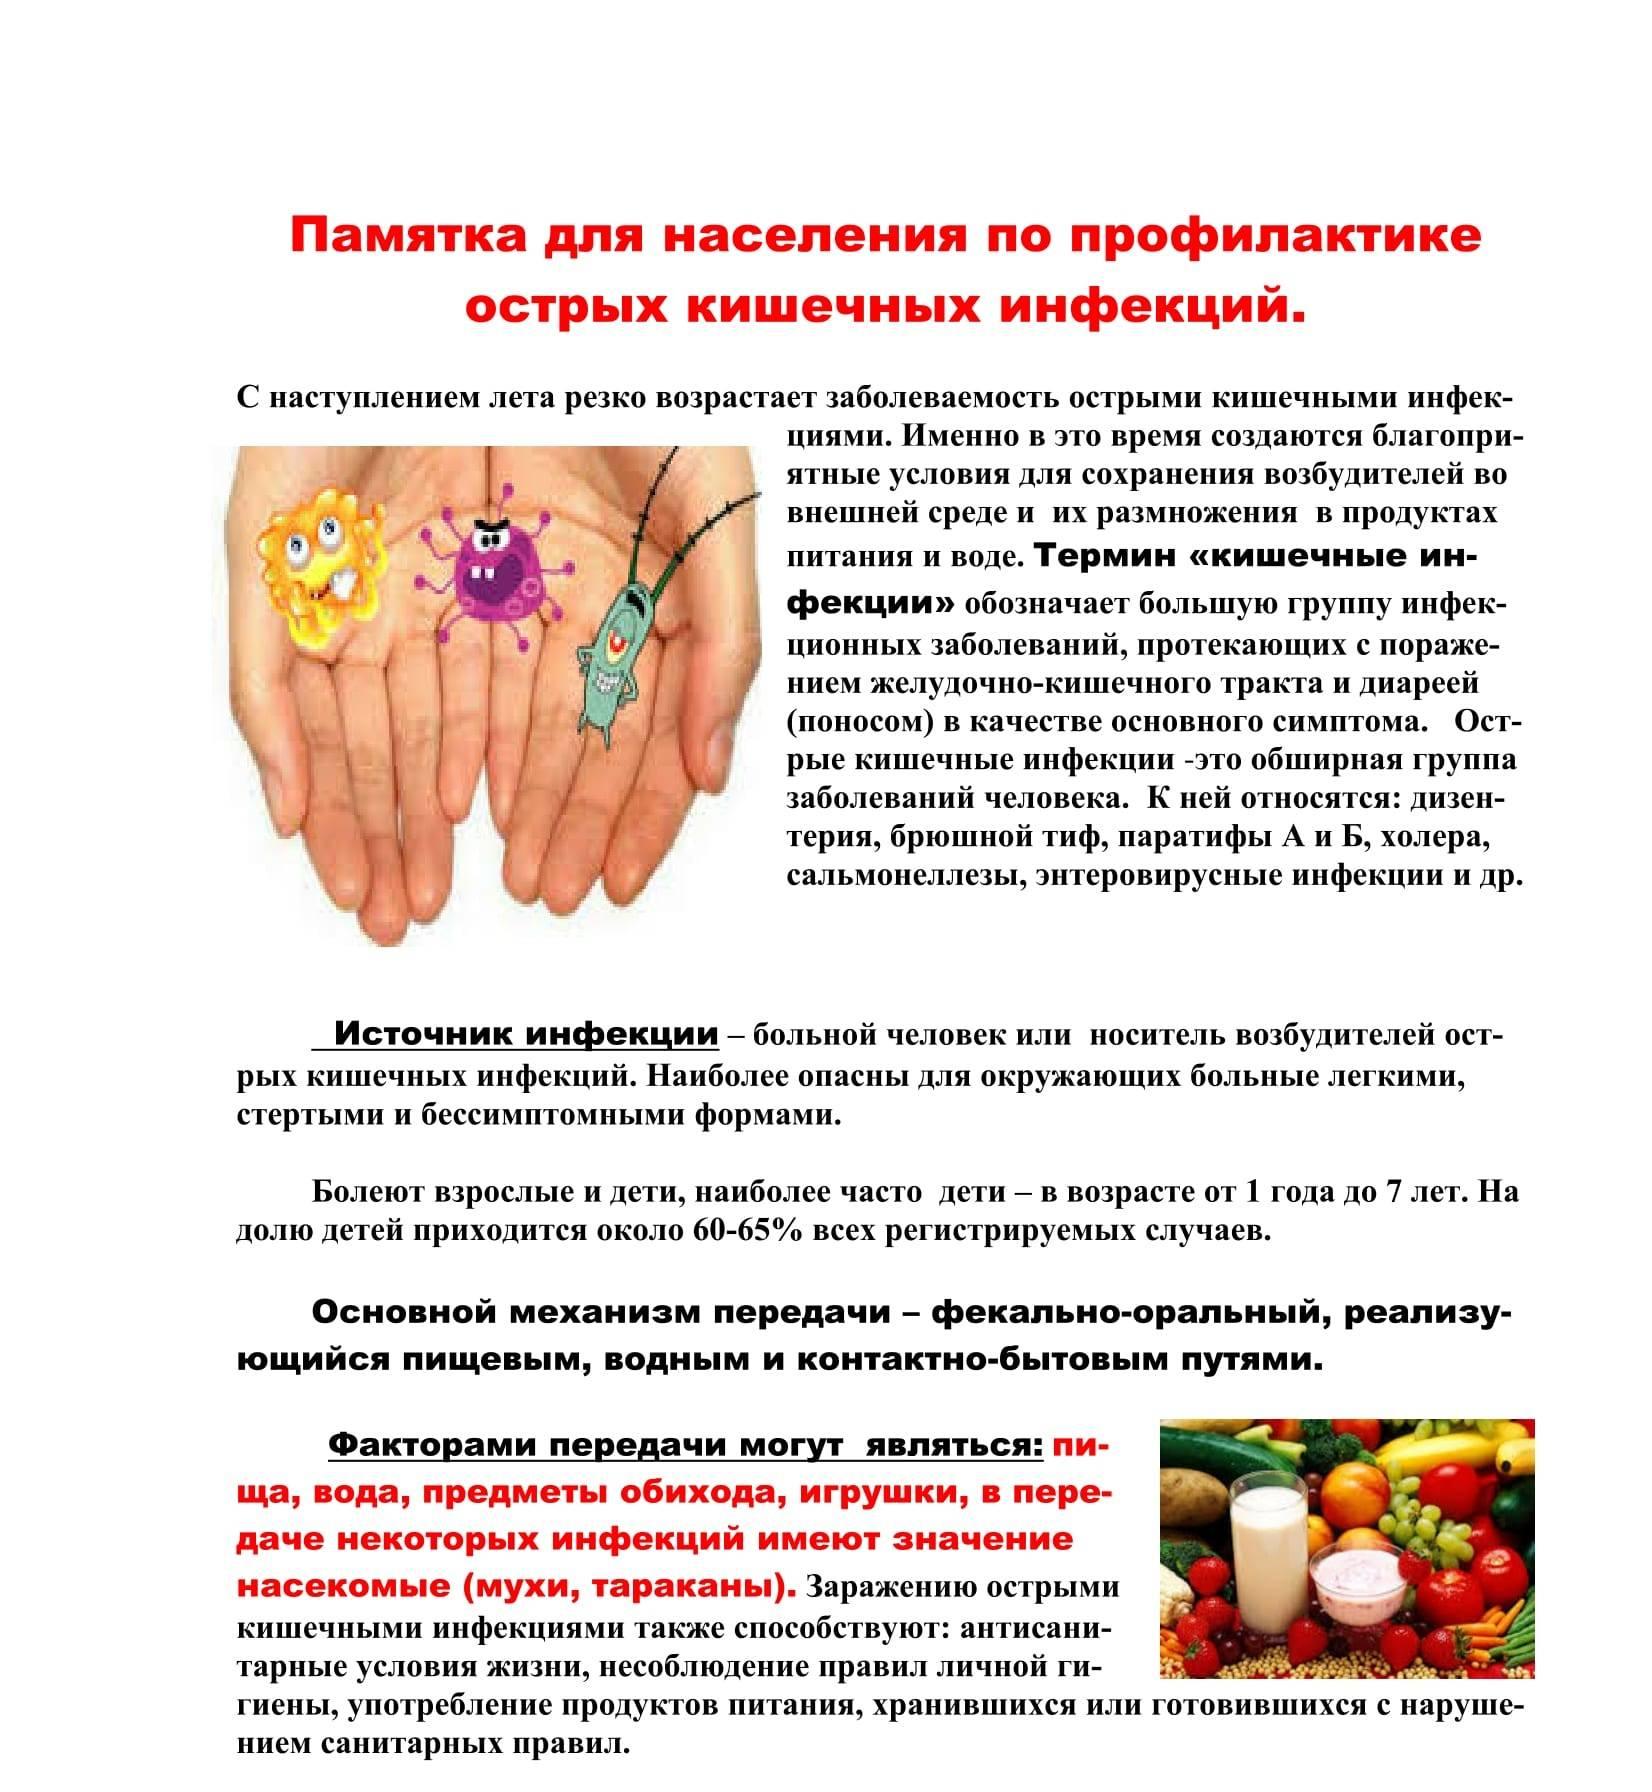 Кишечная инфекция у детей: причины, симптомы и лечение